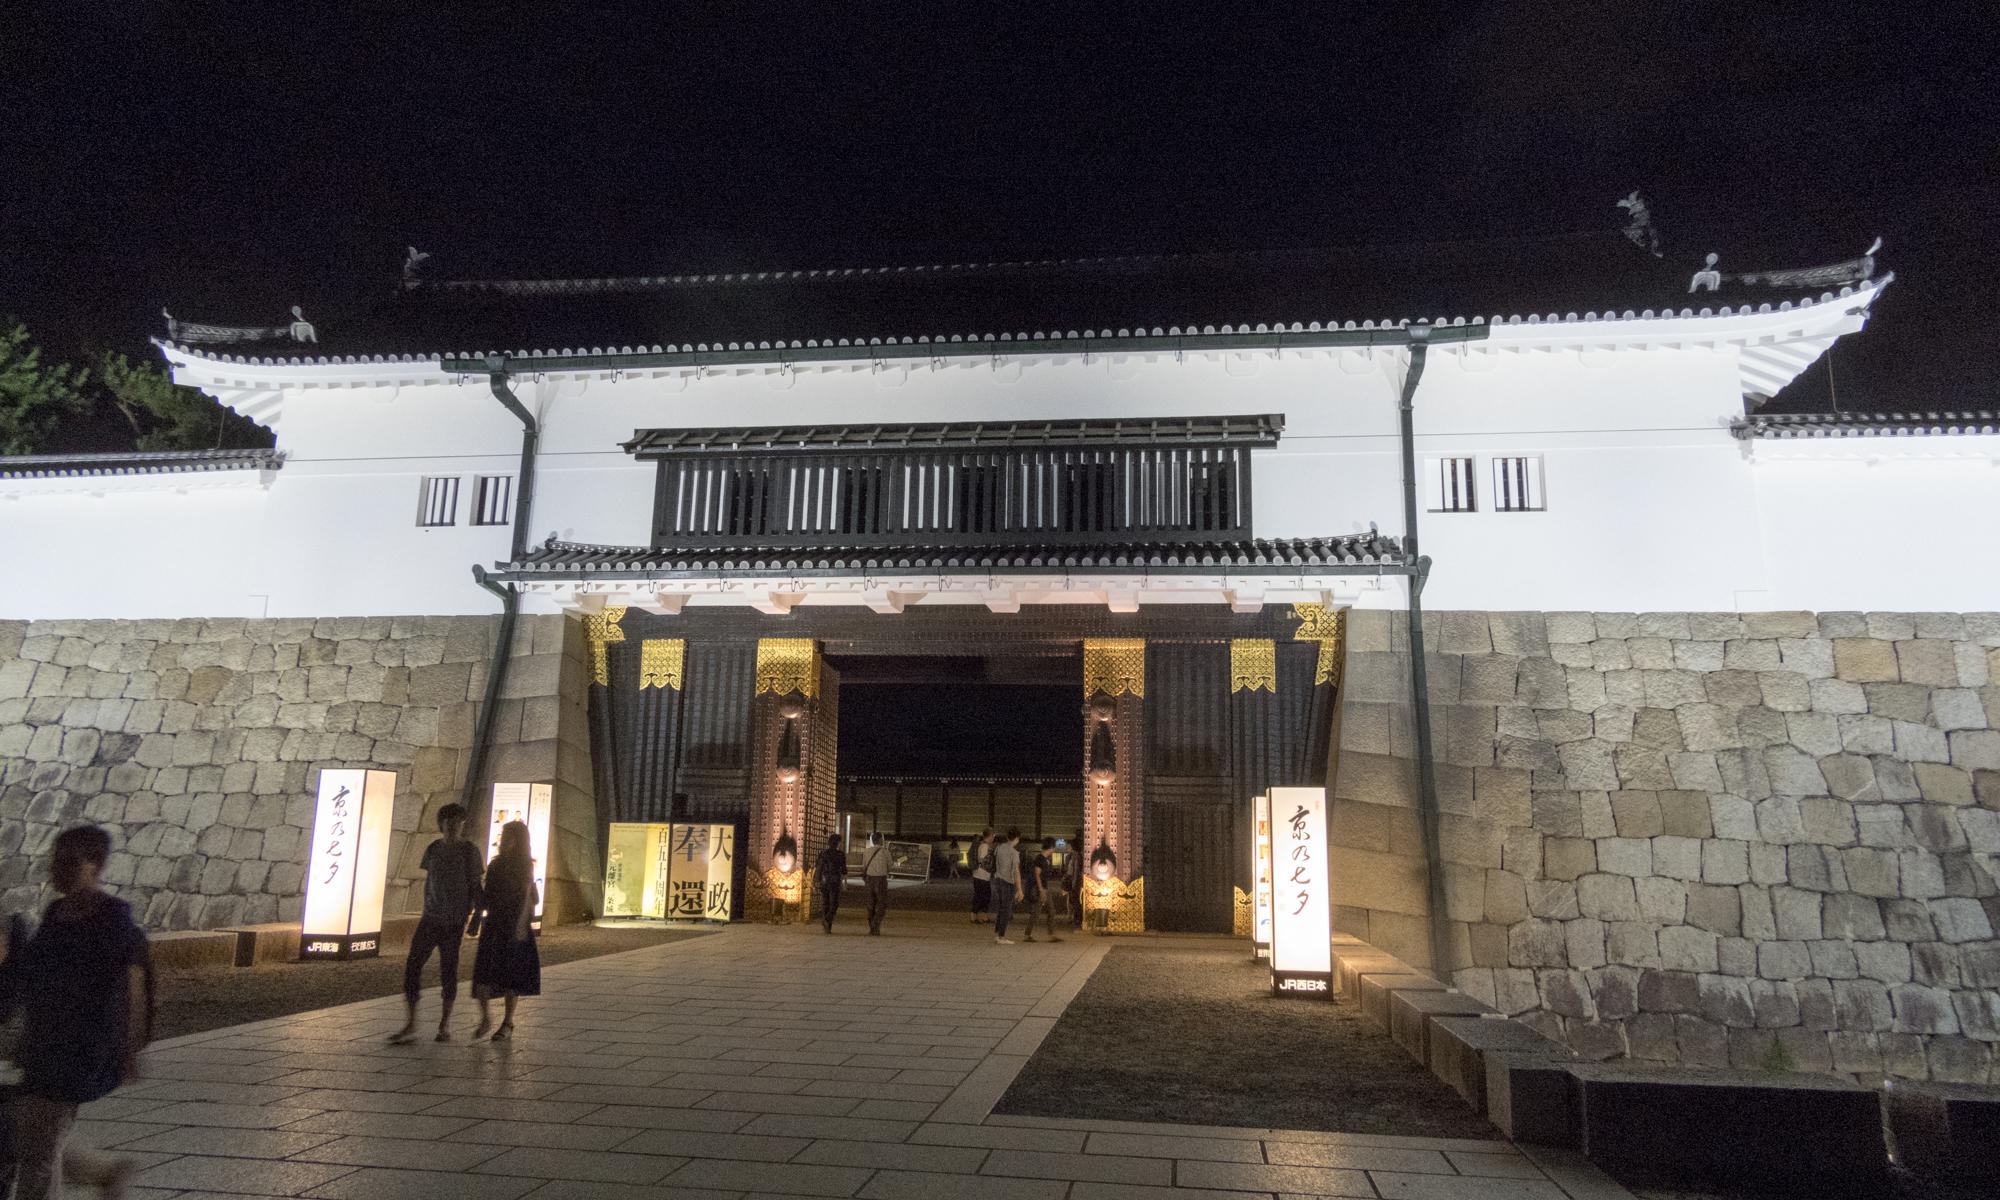 二条城 京の七夕 夜間特別拝観